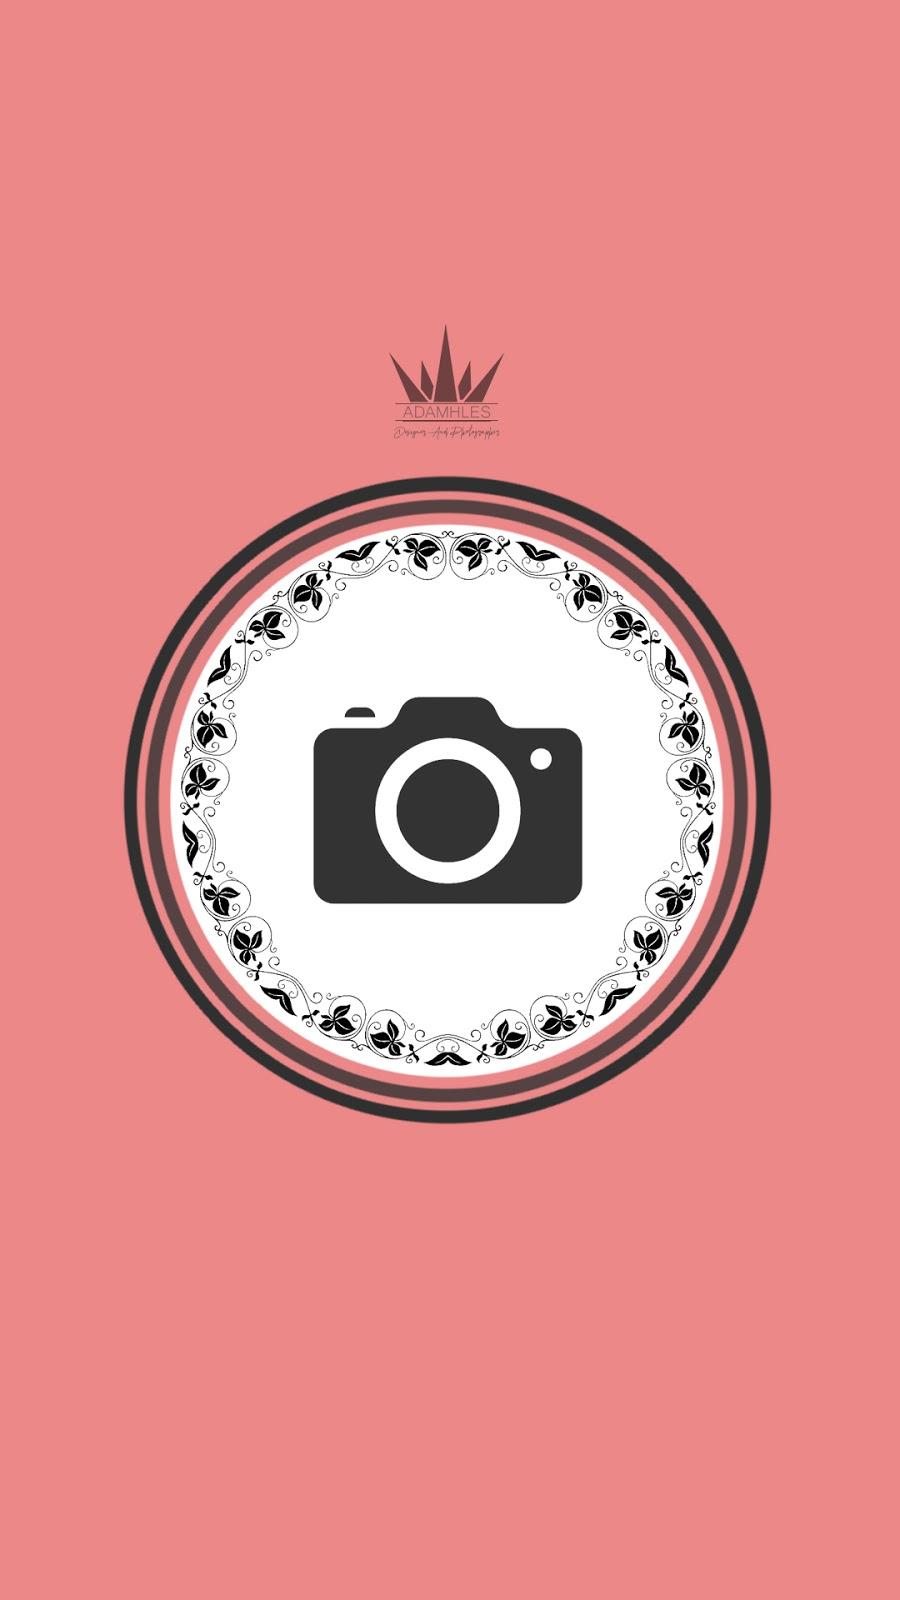 تحميل اجمل ايقونات هايلايت انستقرام Instagram المصمم ادم حلس